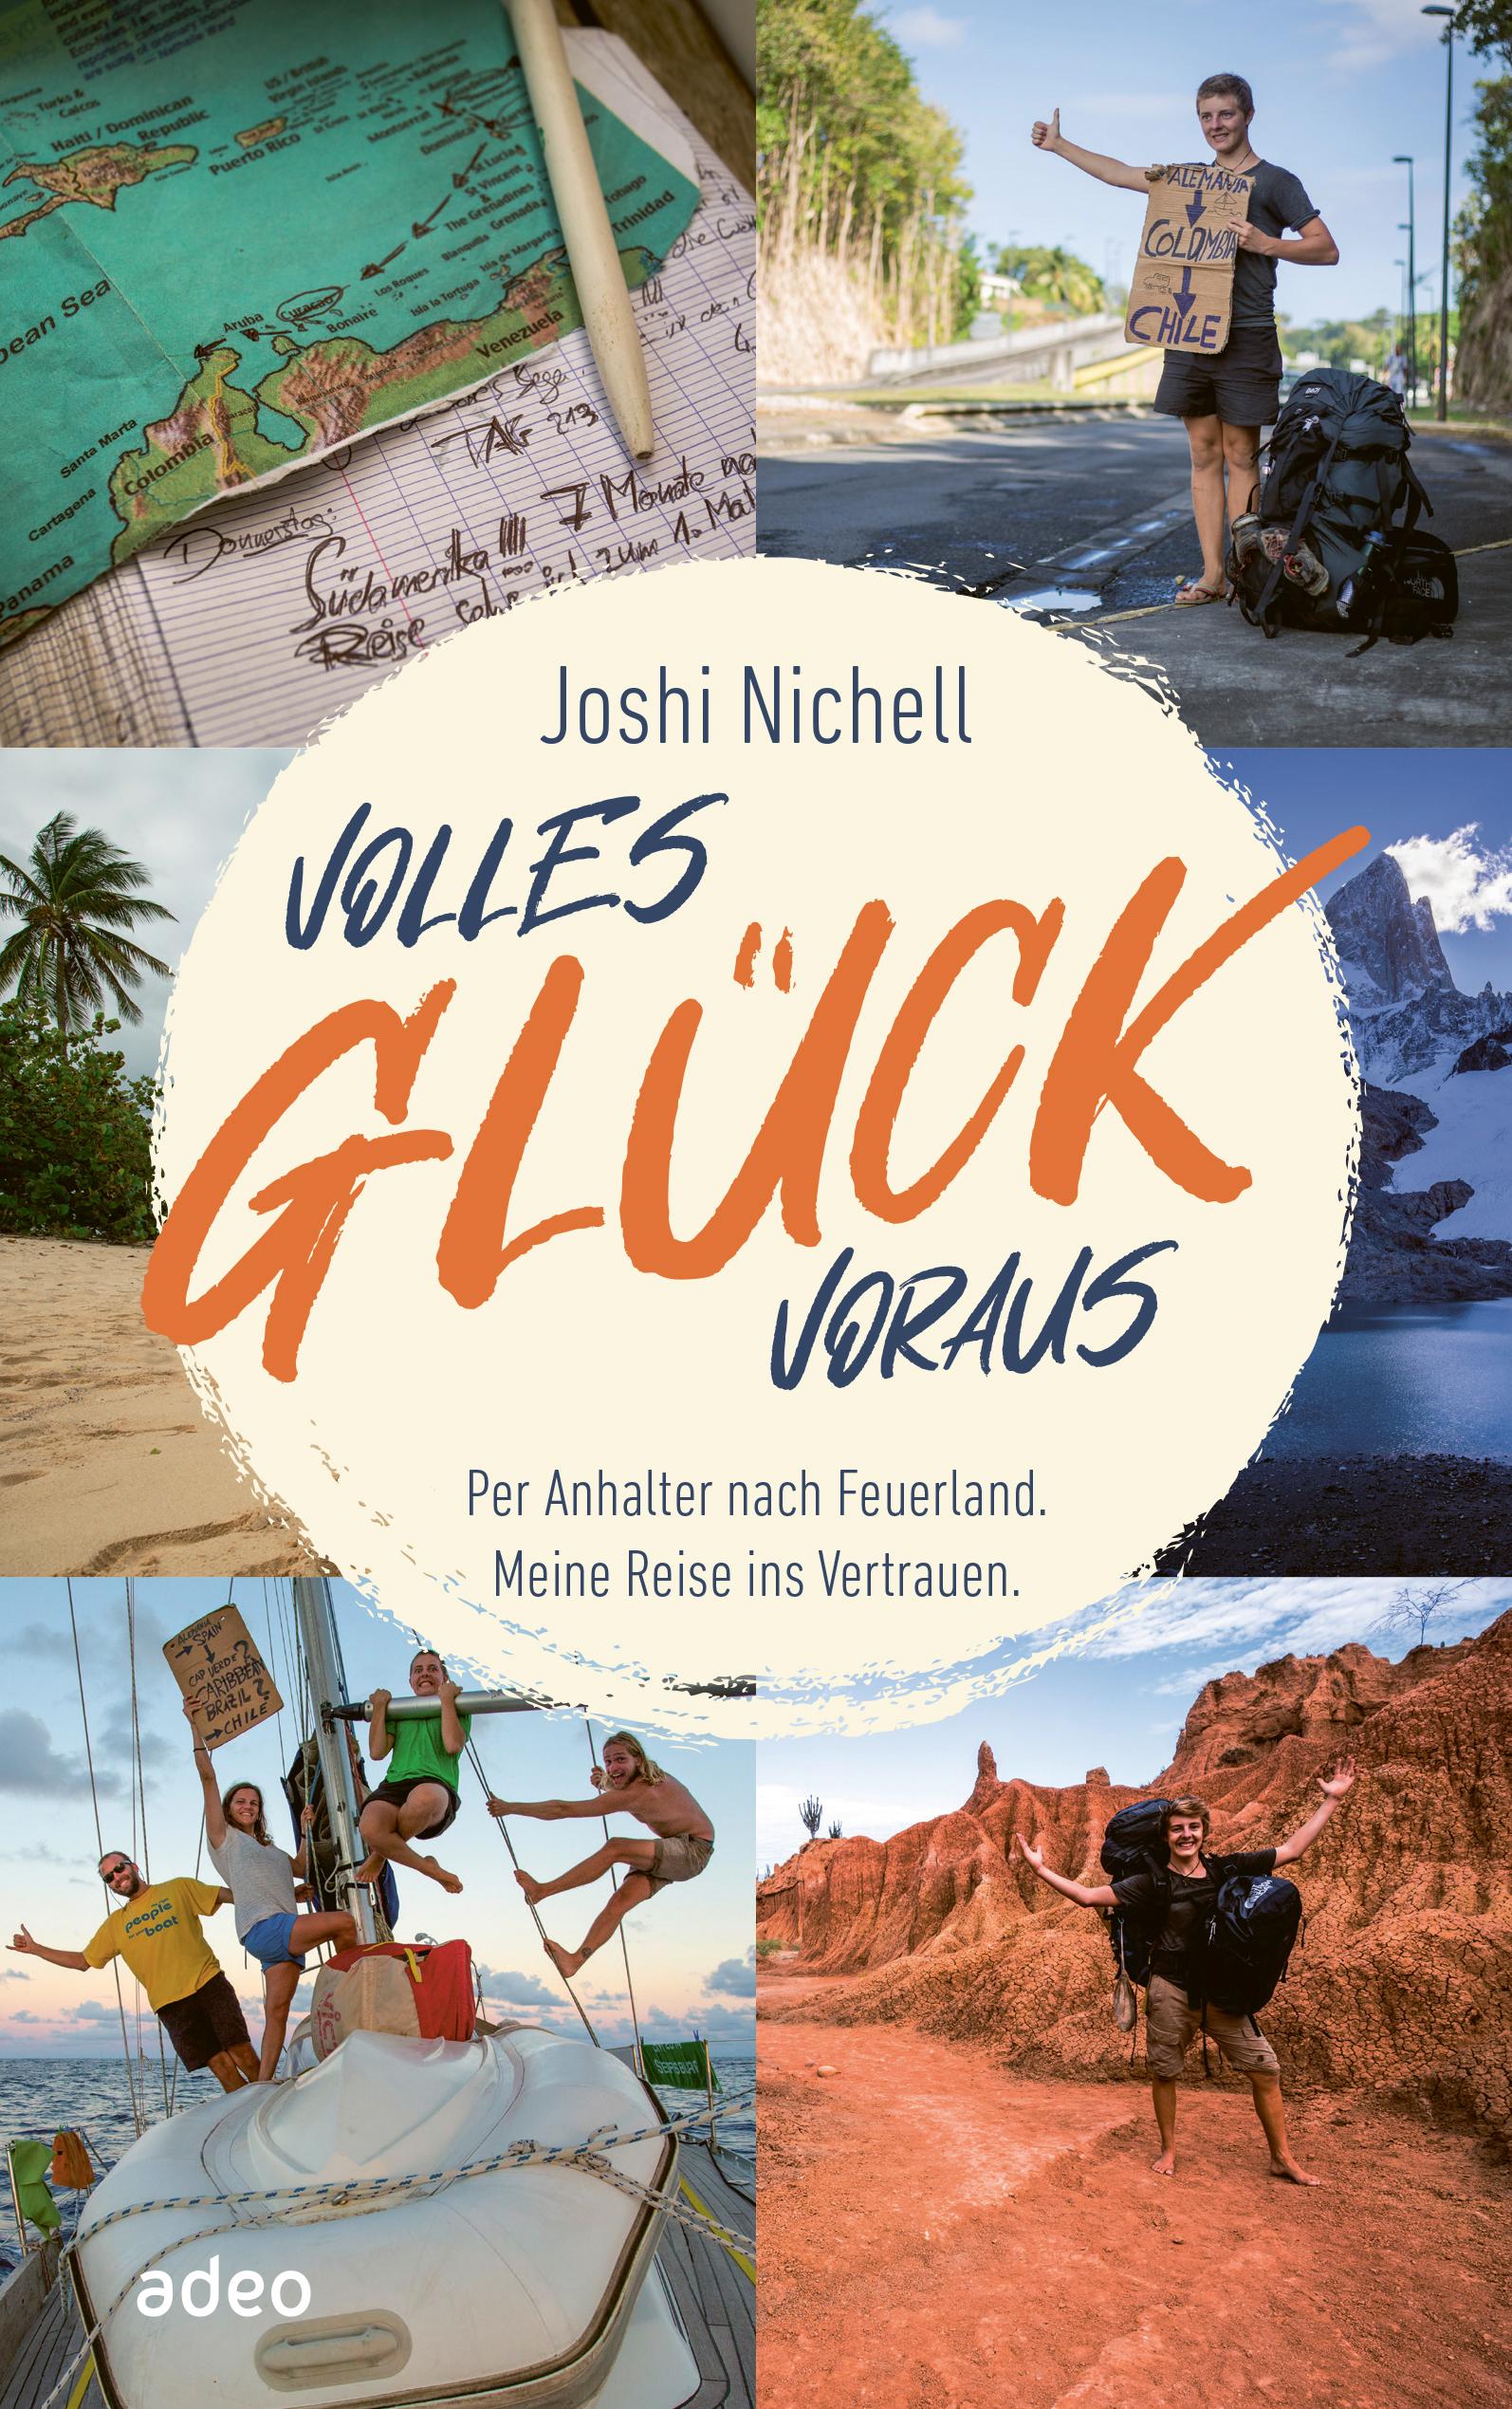 835463_Nichell_Volles Glueck voraus_Cover.indd